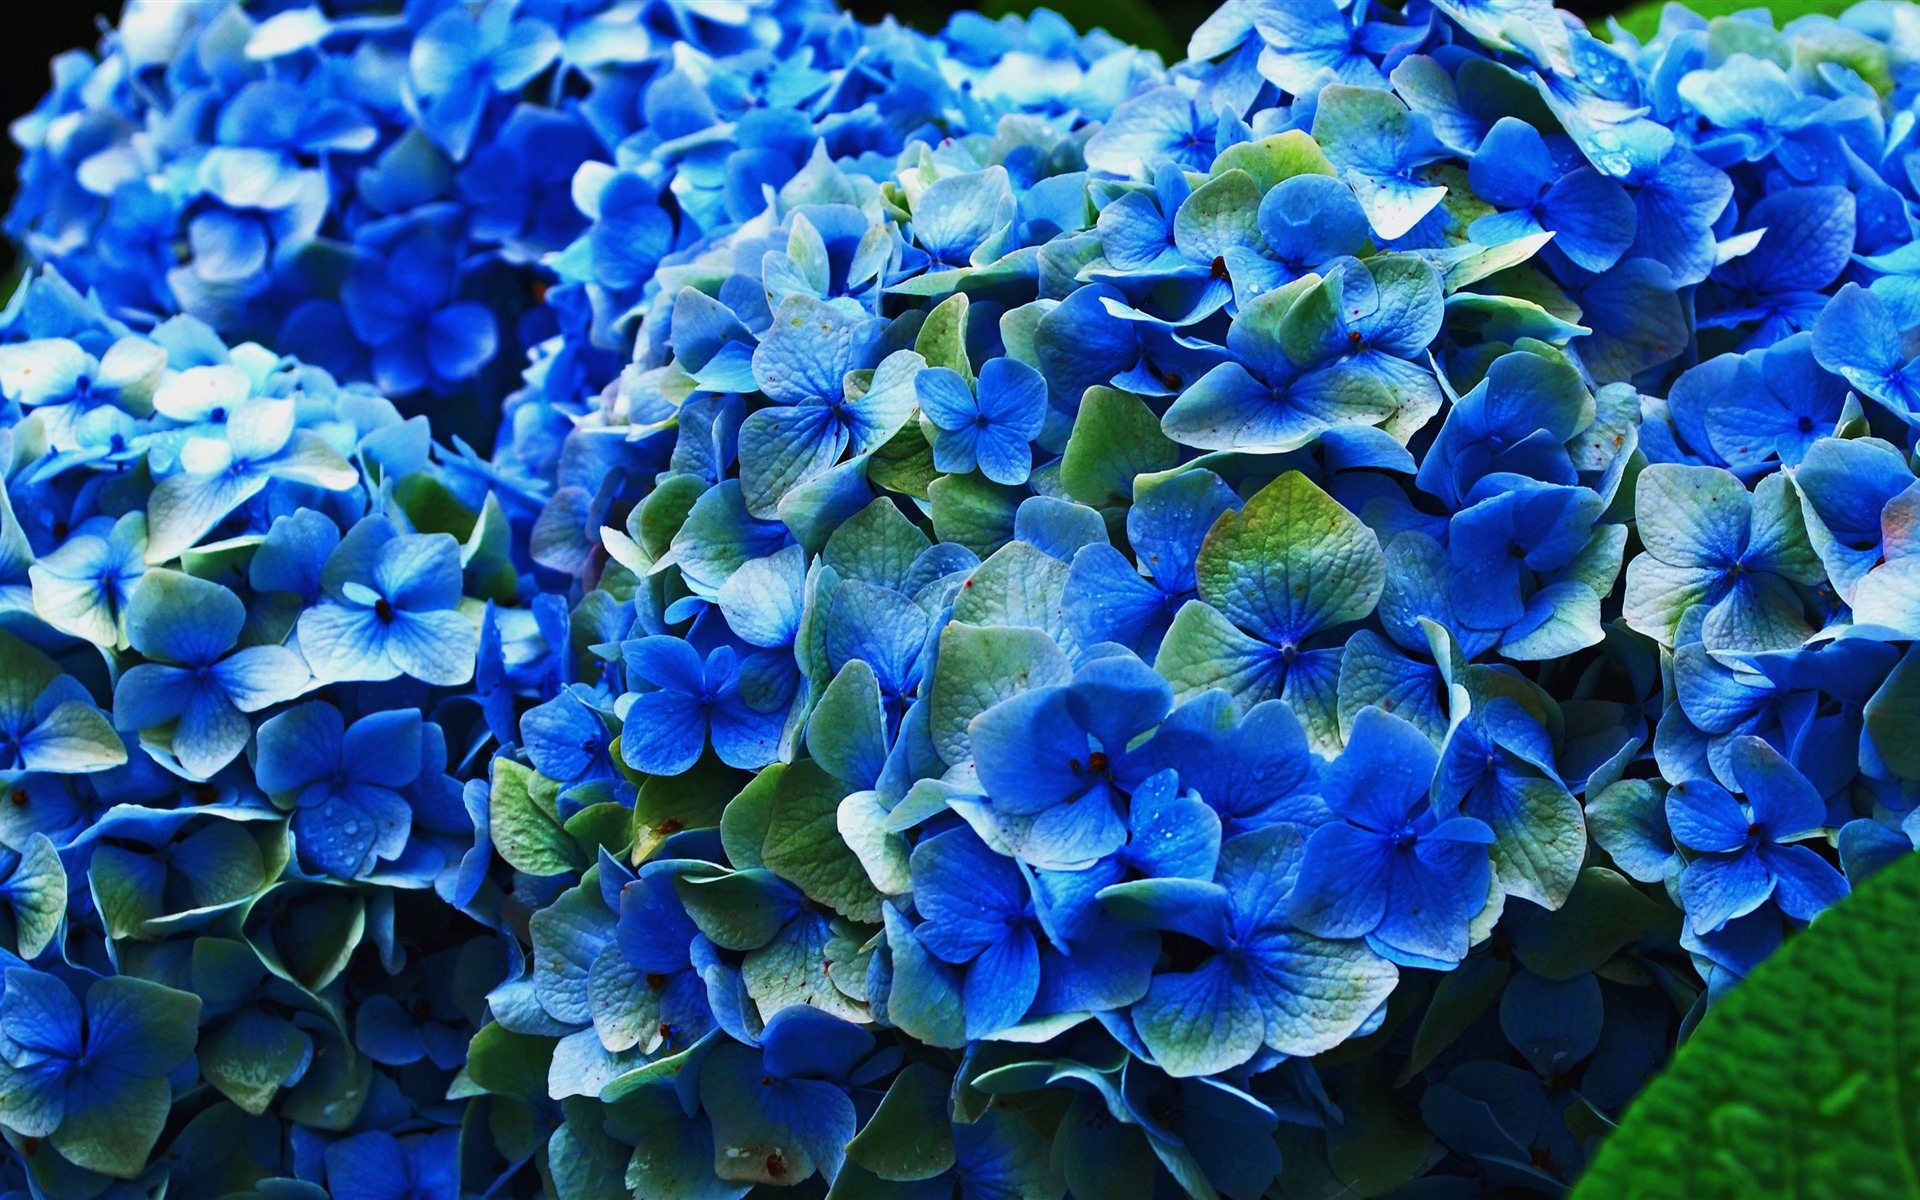 Fondos De Pantalla Iphone 7 Plus: Hortensia Azul, Flores, Floración 1080x1920 IPhone 8/7/6